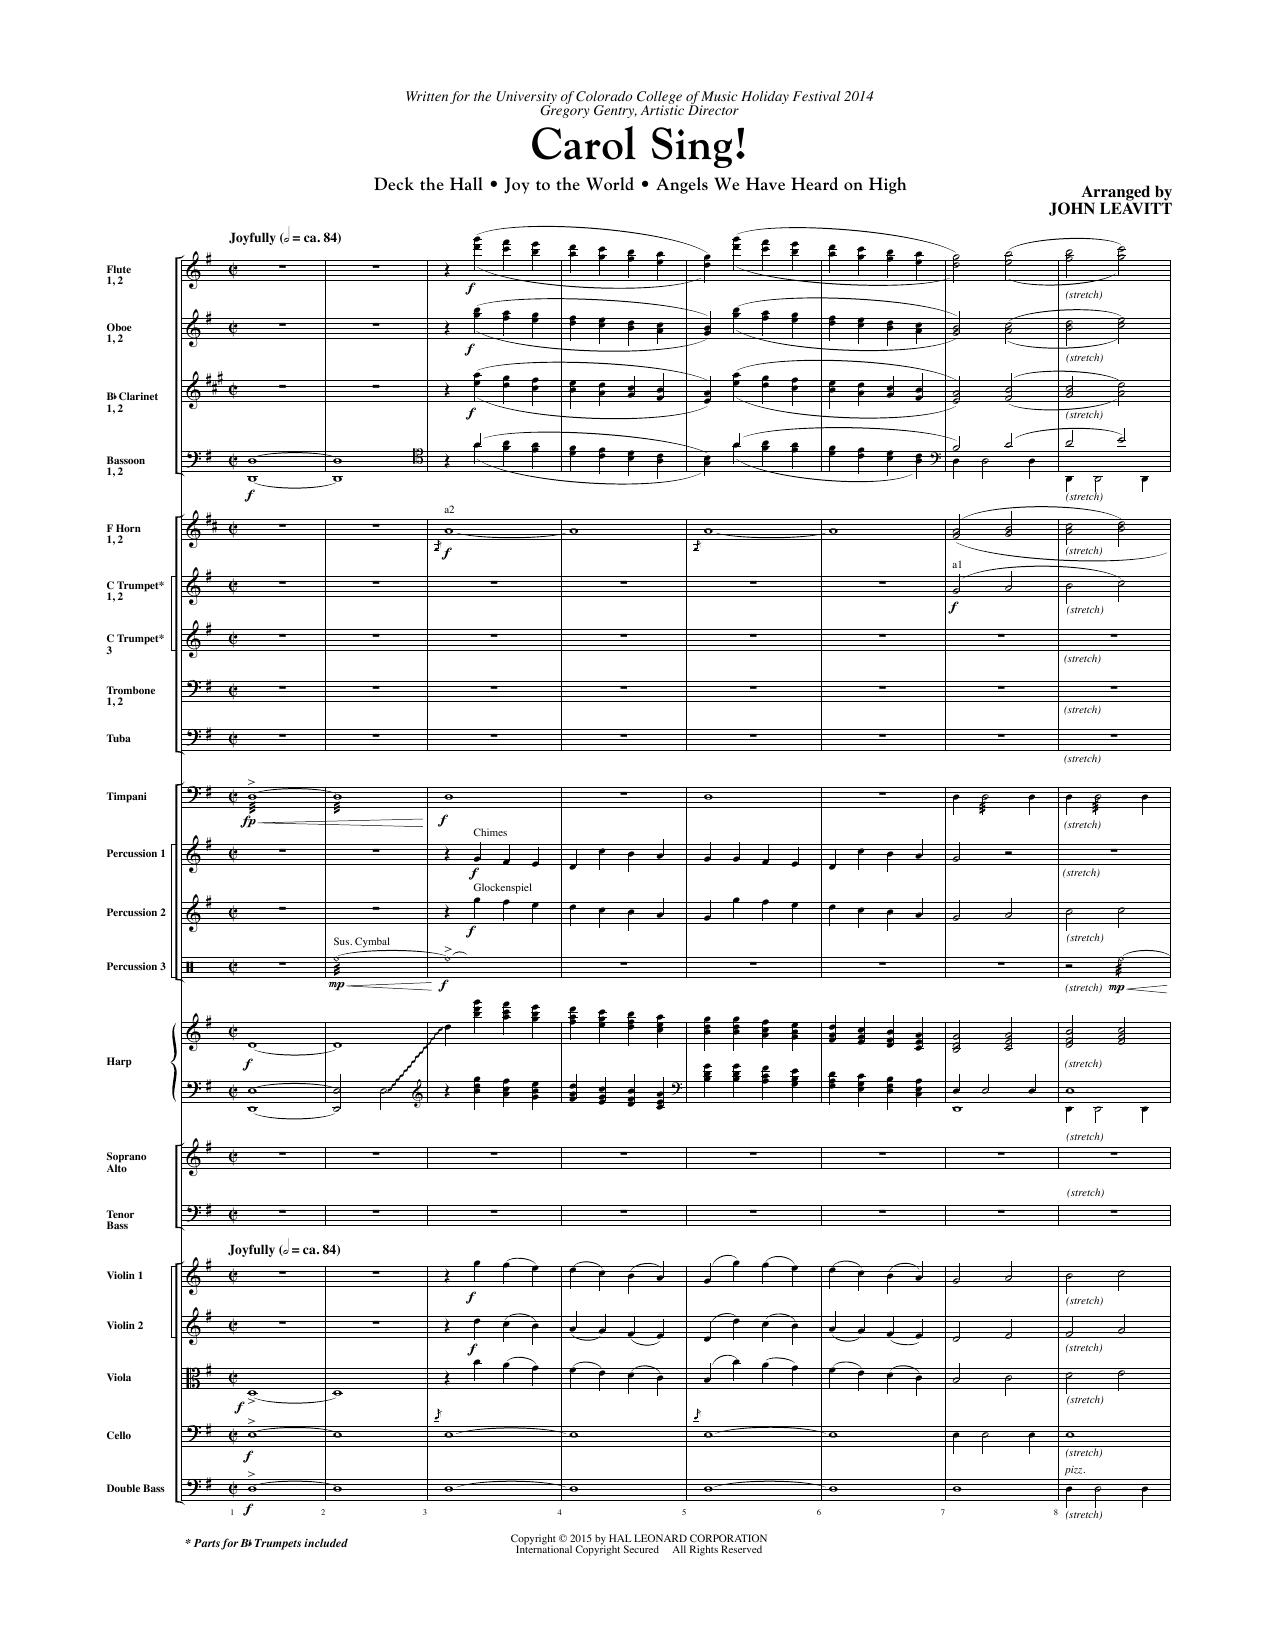 Carol Sing! - Full Score sheet music